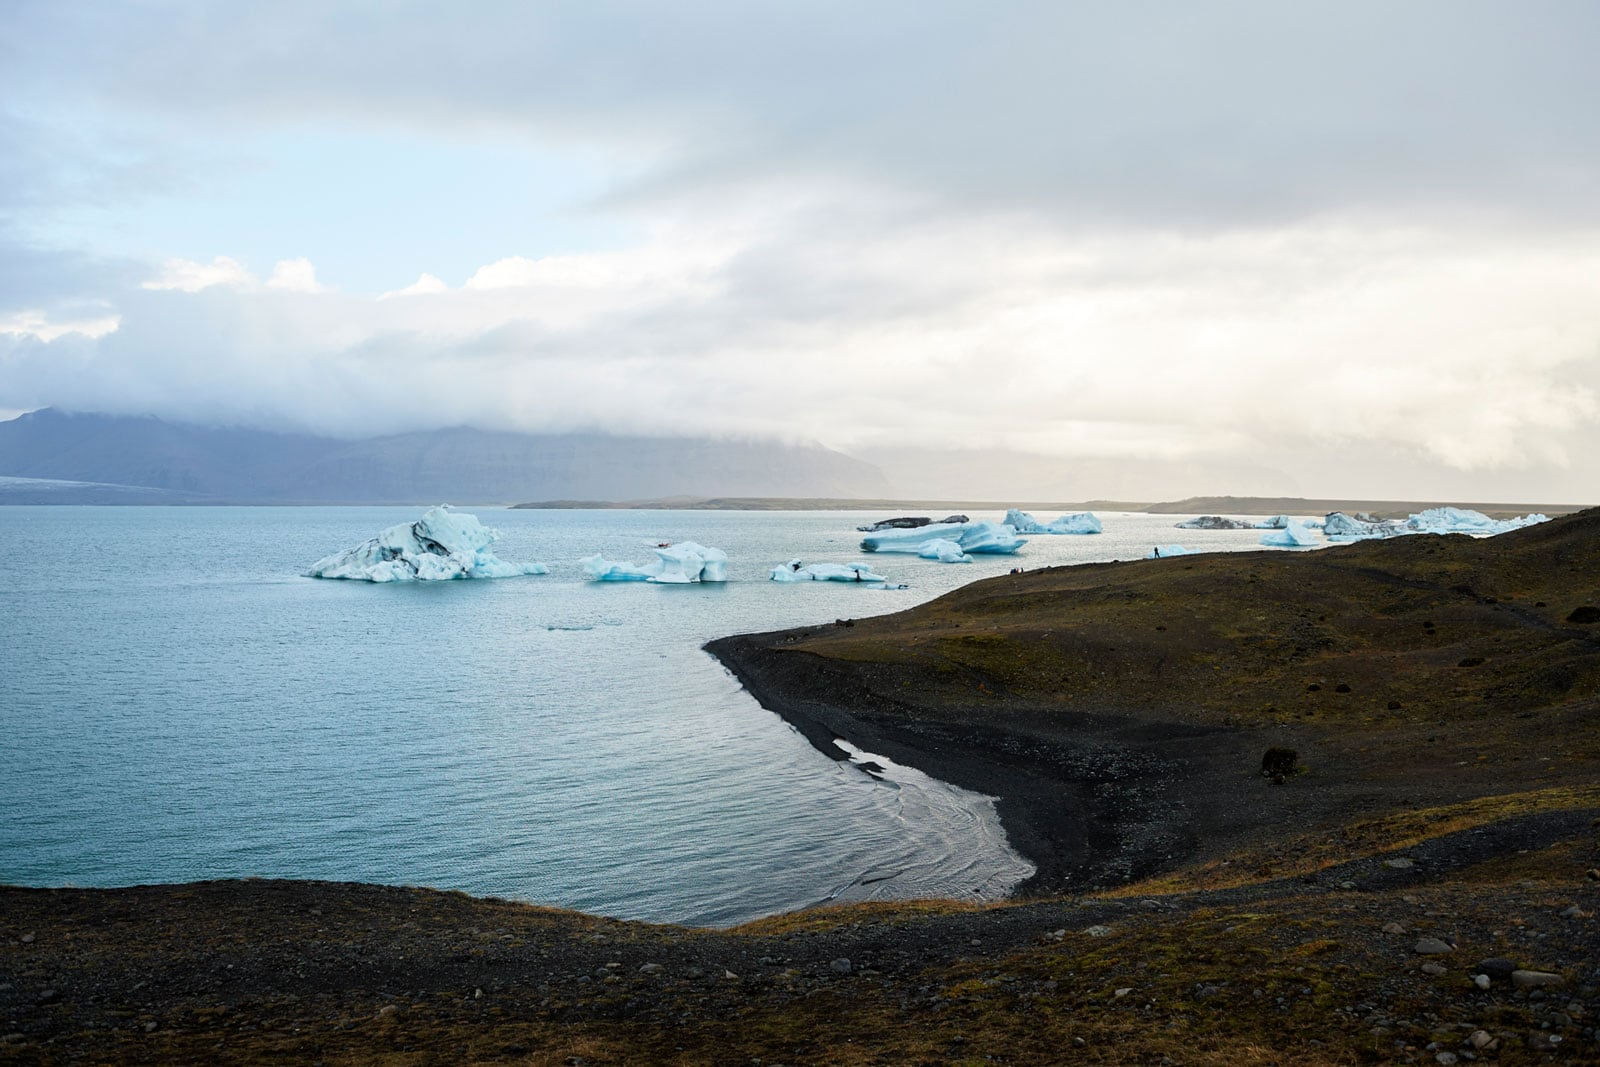 kleine Eisberge treiben im Meer